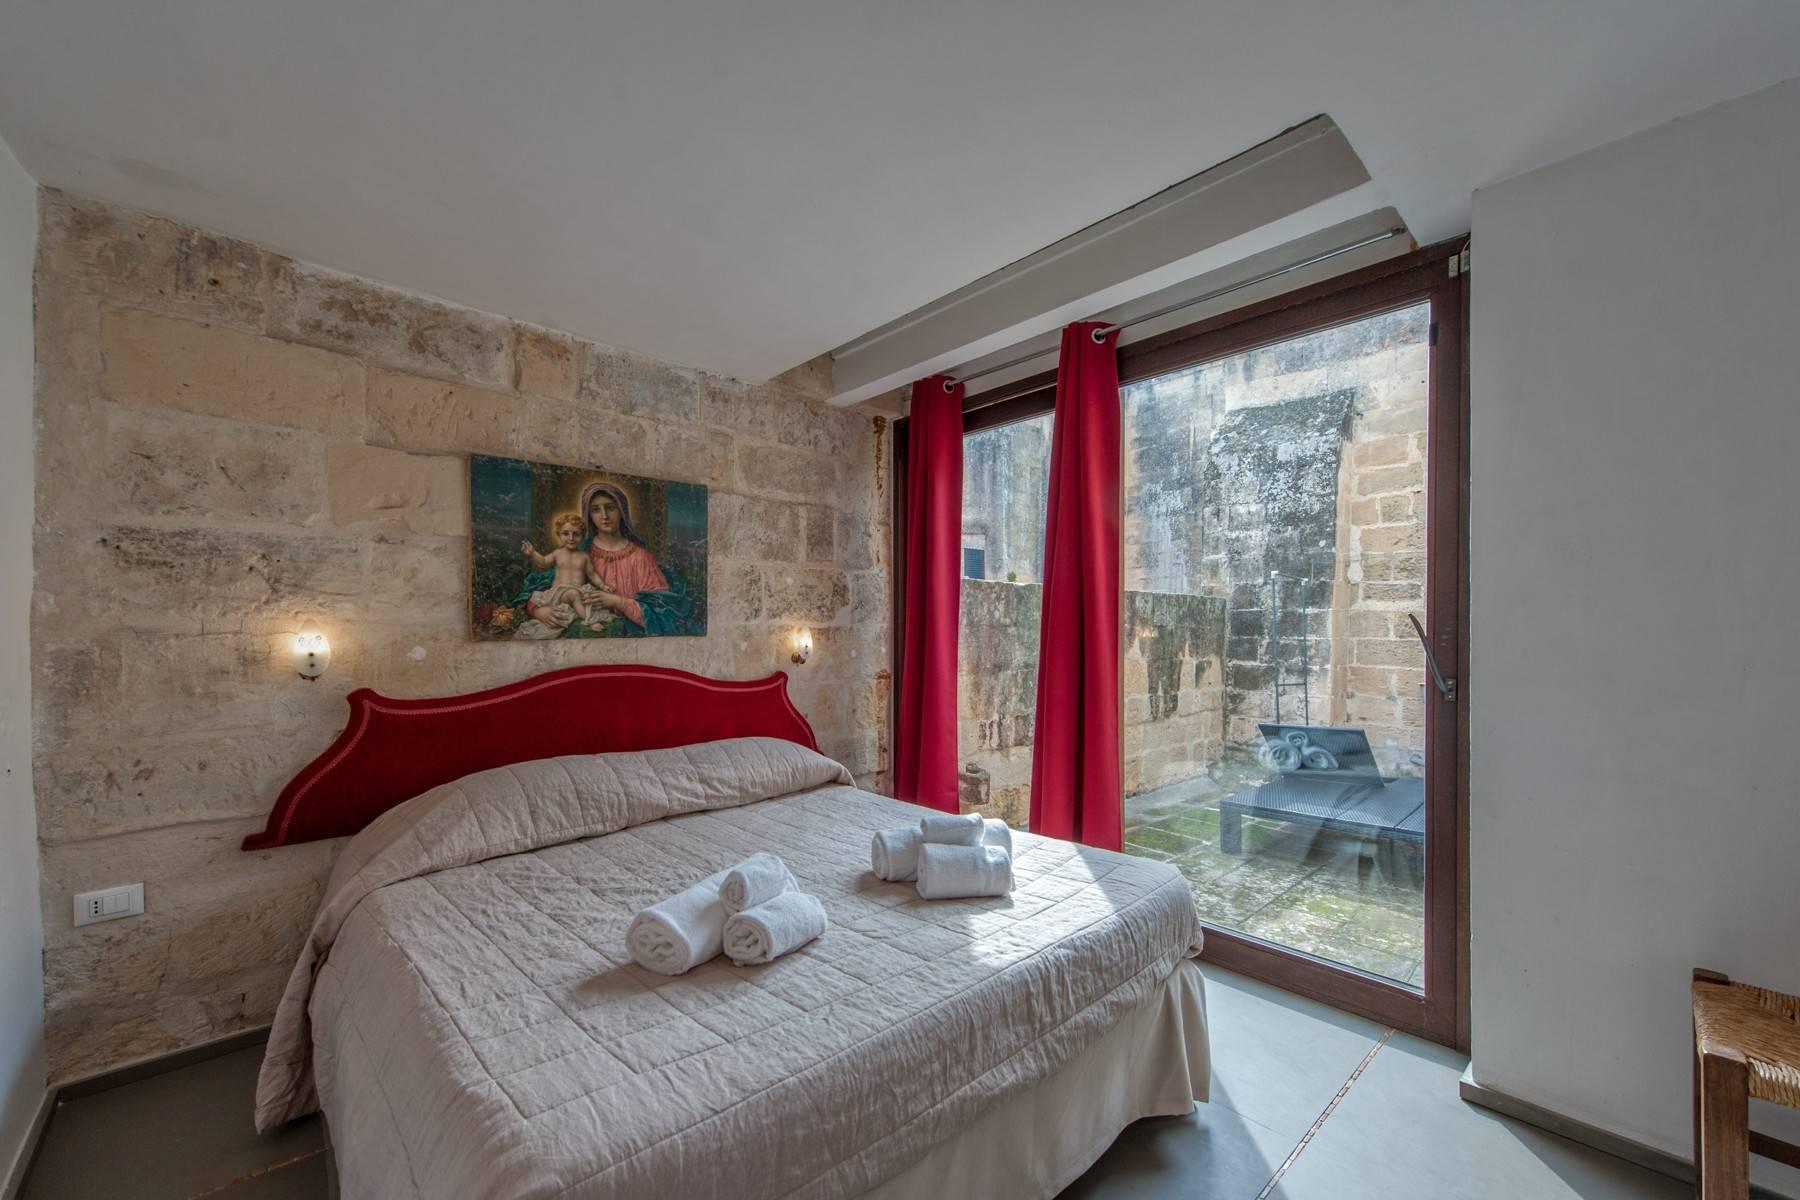 Casa indipendente in Vendita a Lecce: 5 locali, 180 mq - Foto 9